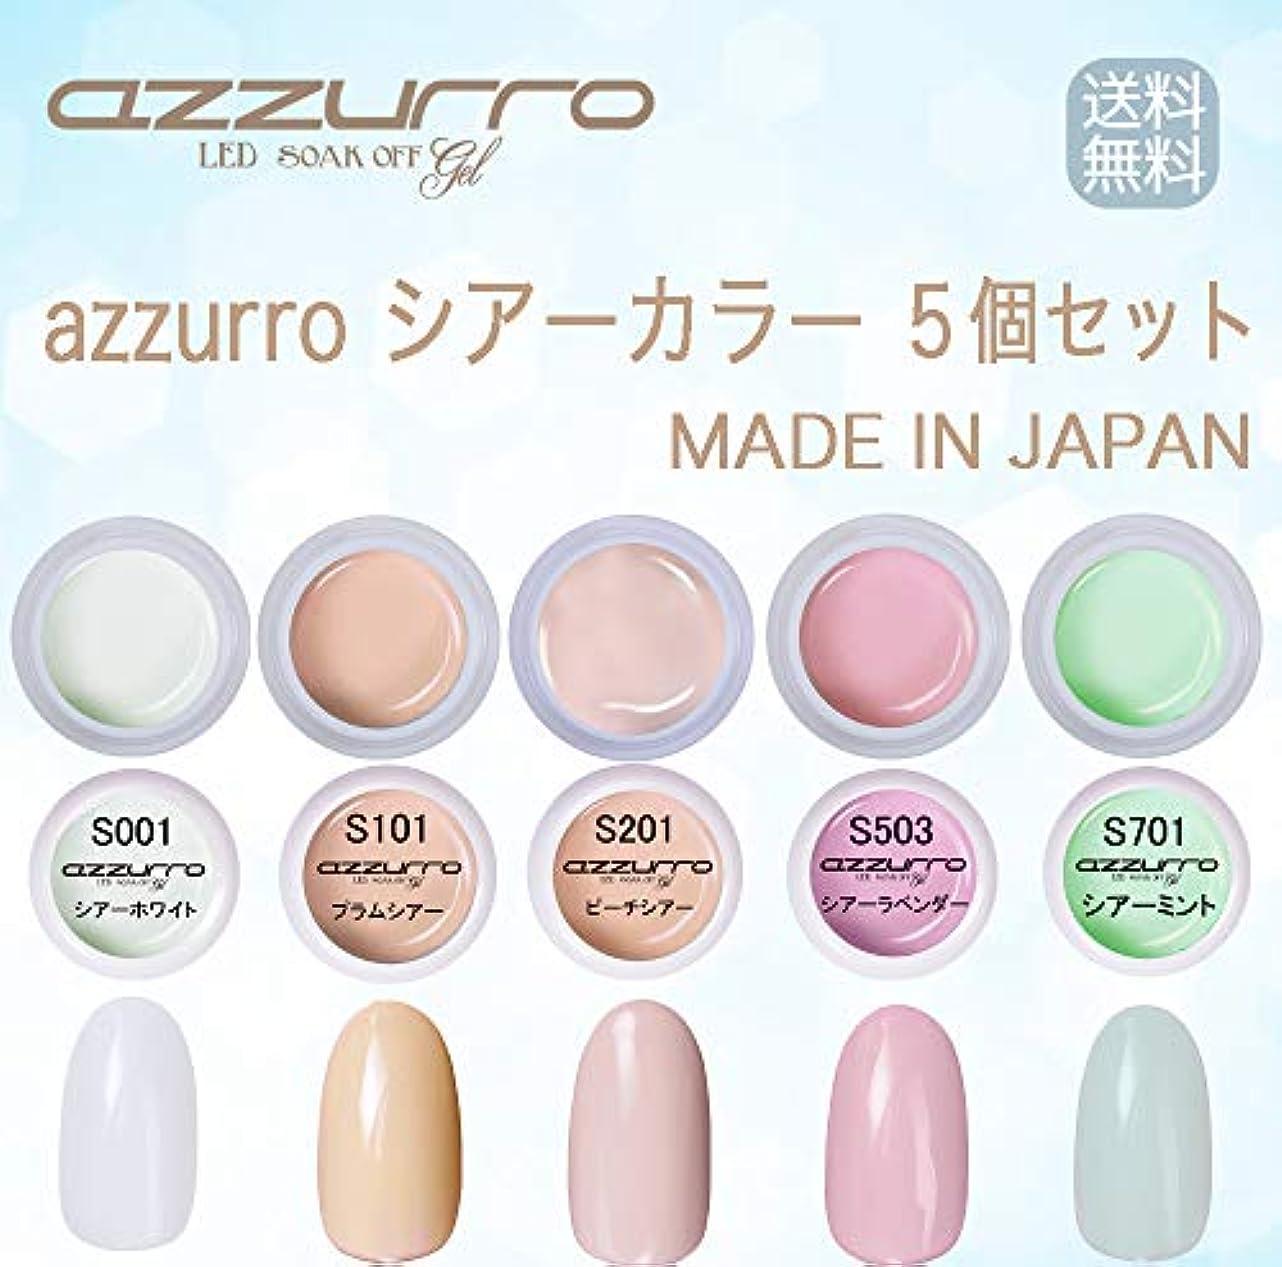 怪物特性動脈【送料無料】日本製 azzurro gel シアー カラージェル5個セット グラデーションにもピッタリなカラー